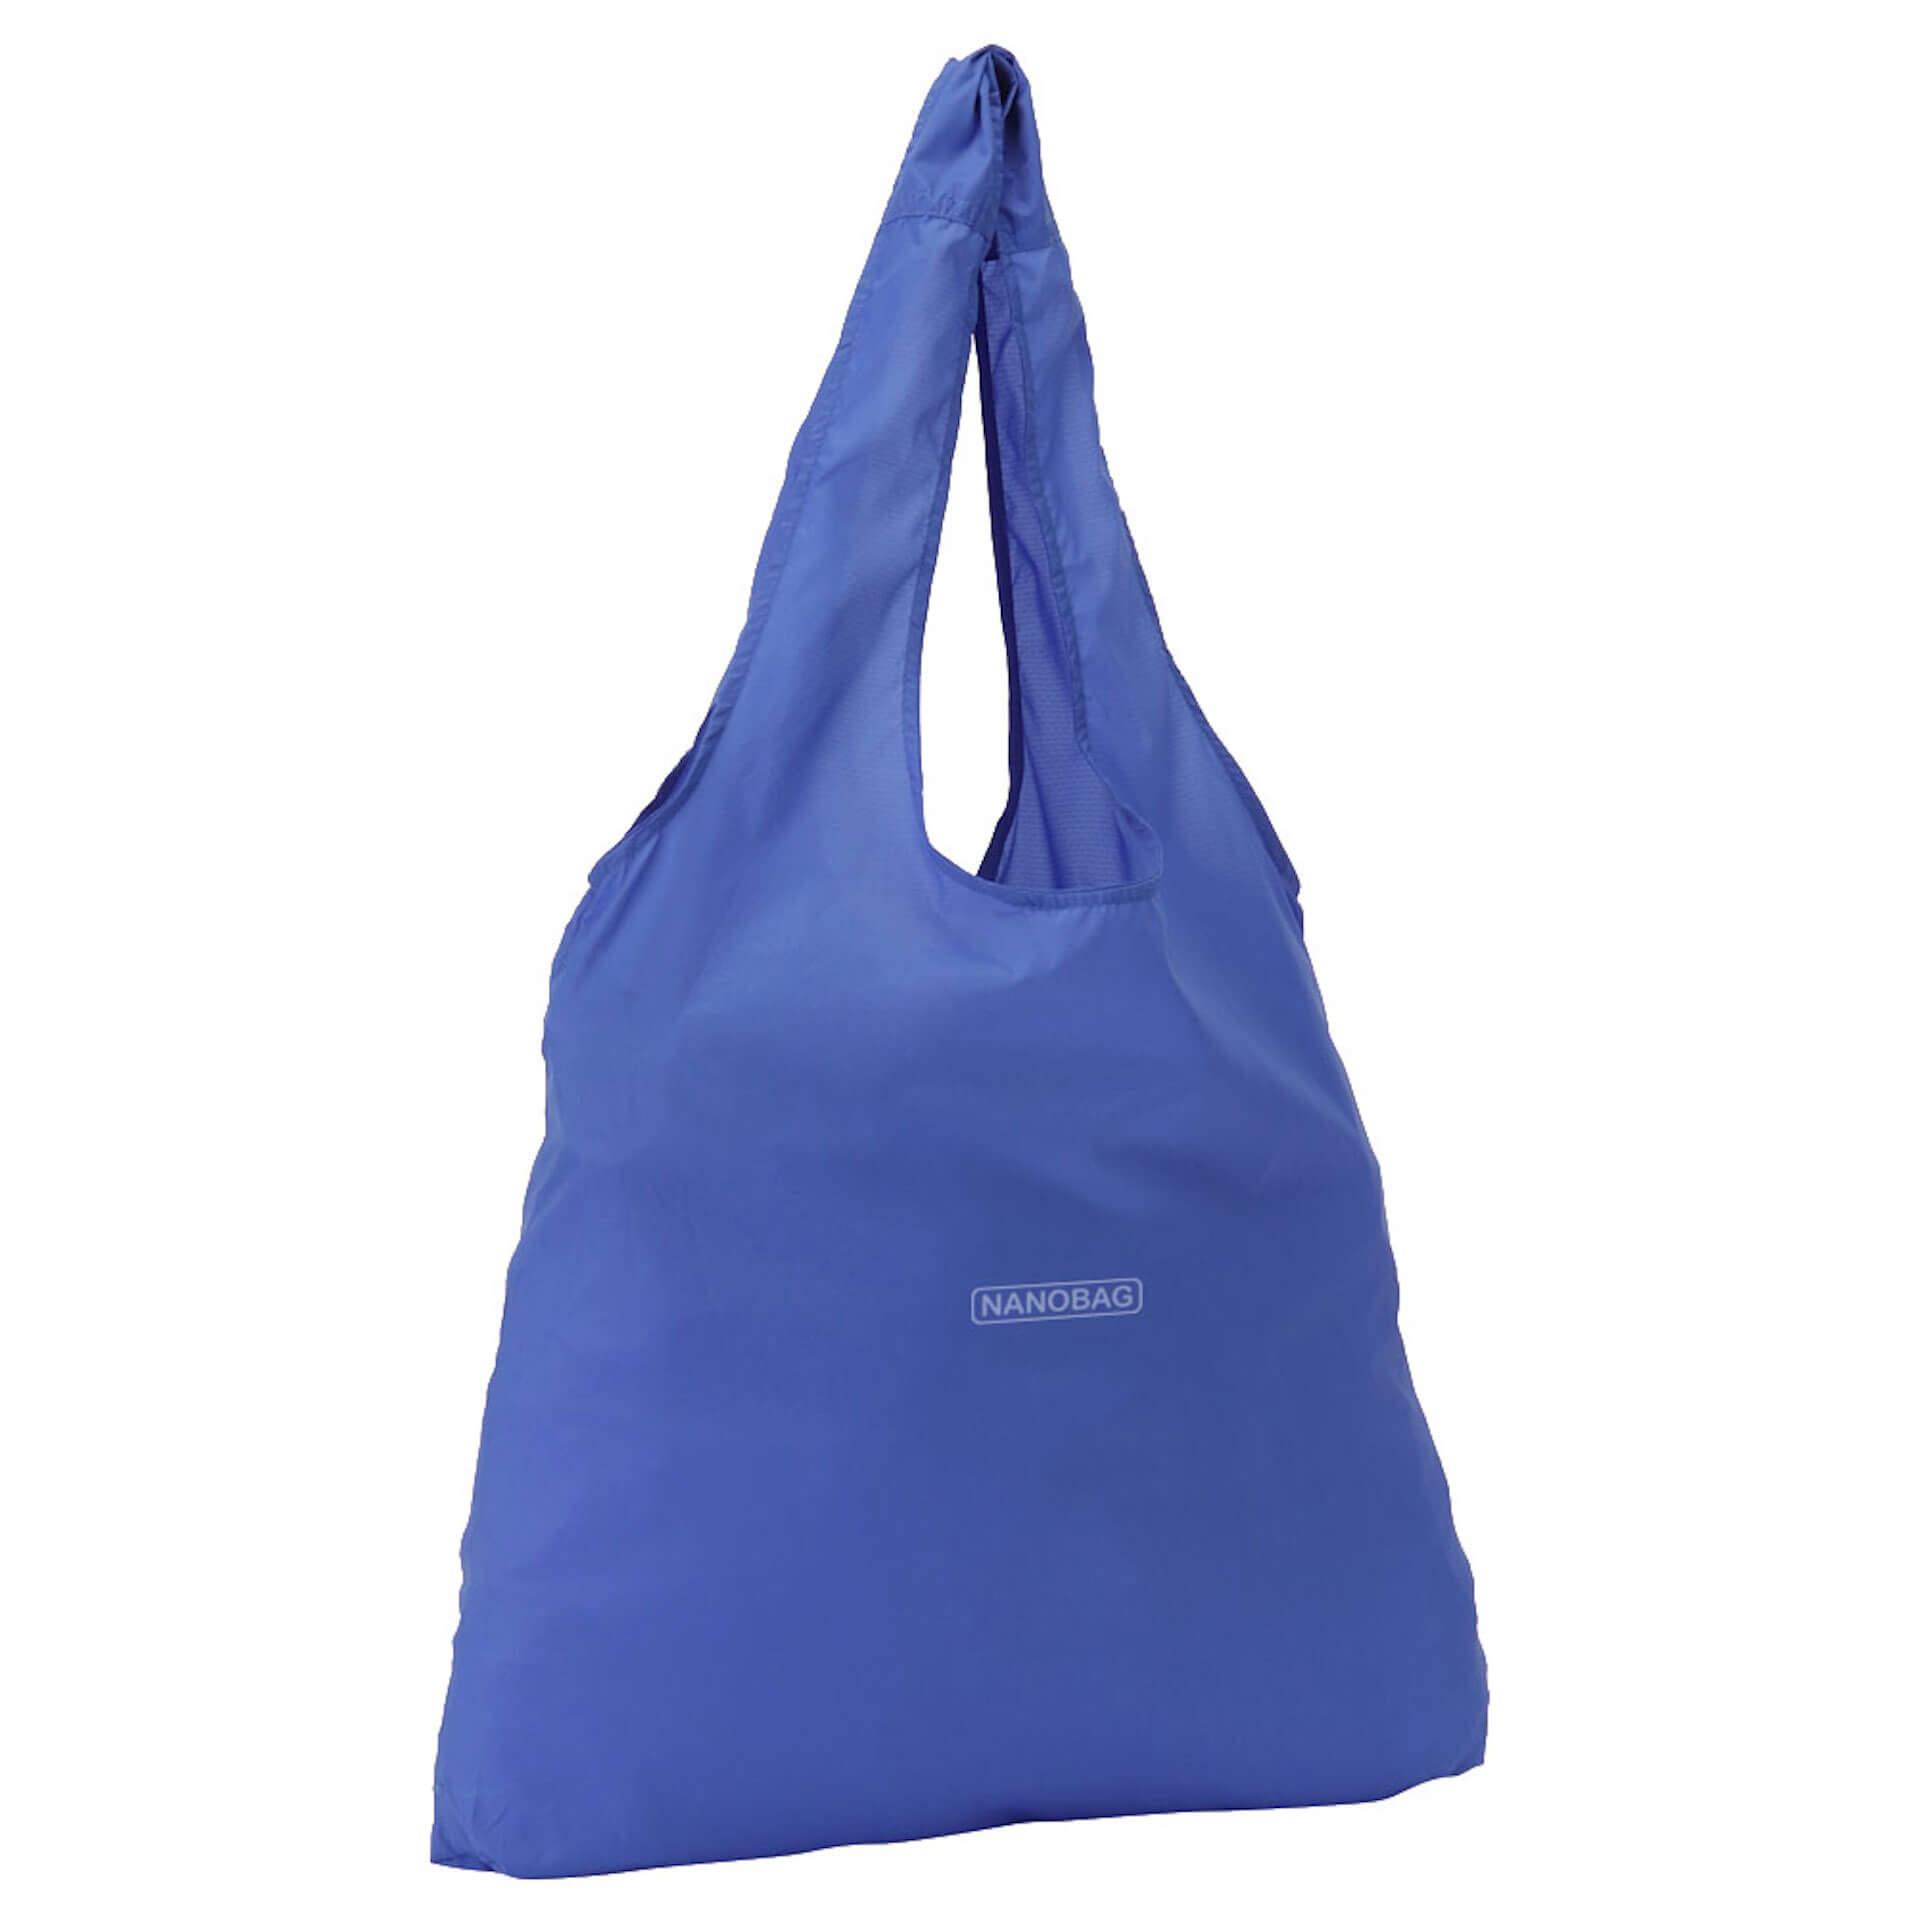 手のひらサイズのエコバッグ『NANOBAG』でお買い物しよう!全国販売を記念したTwitterプレゼントキャンペーンが実施 ac200714_nanobag_01